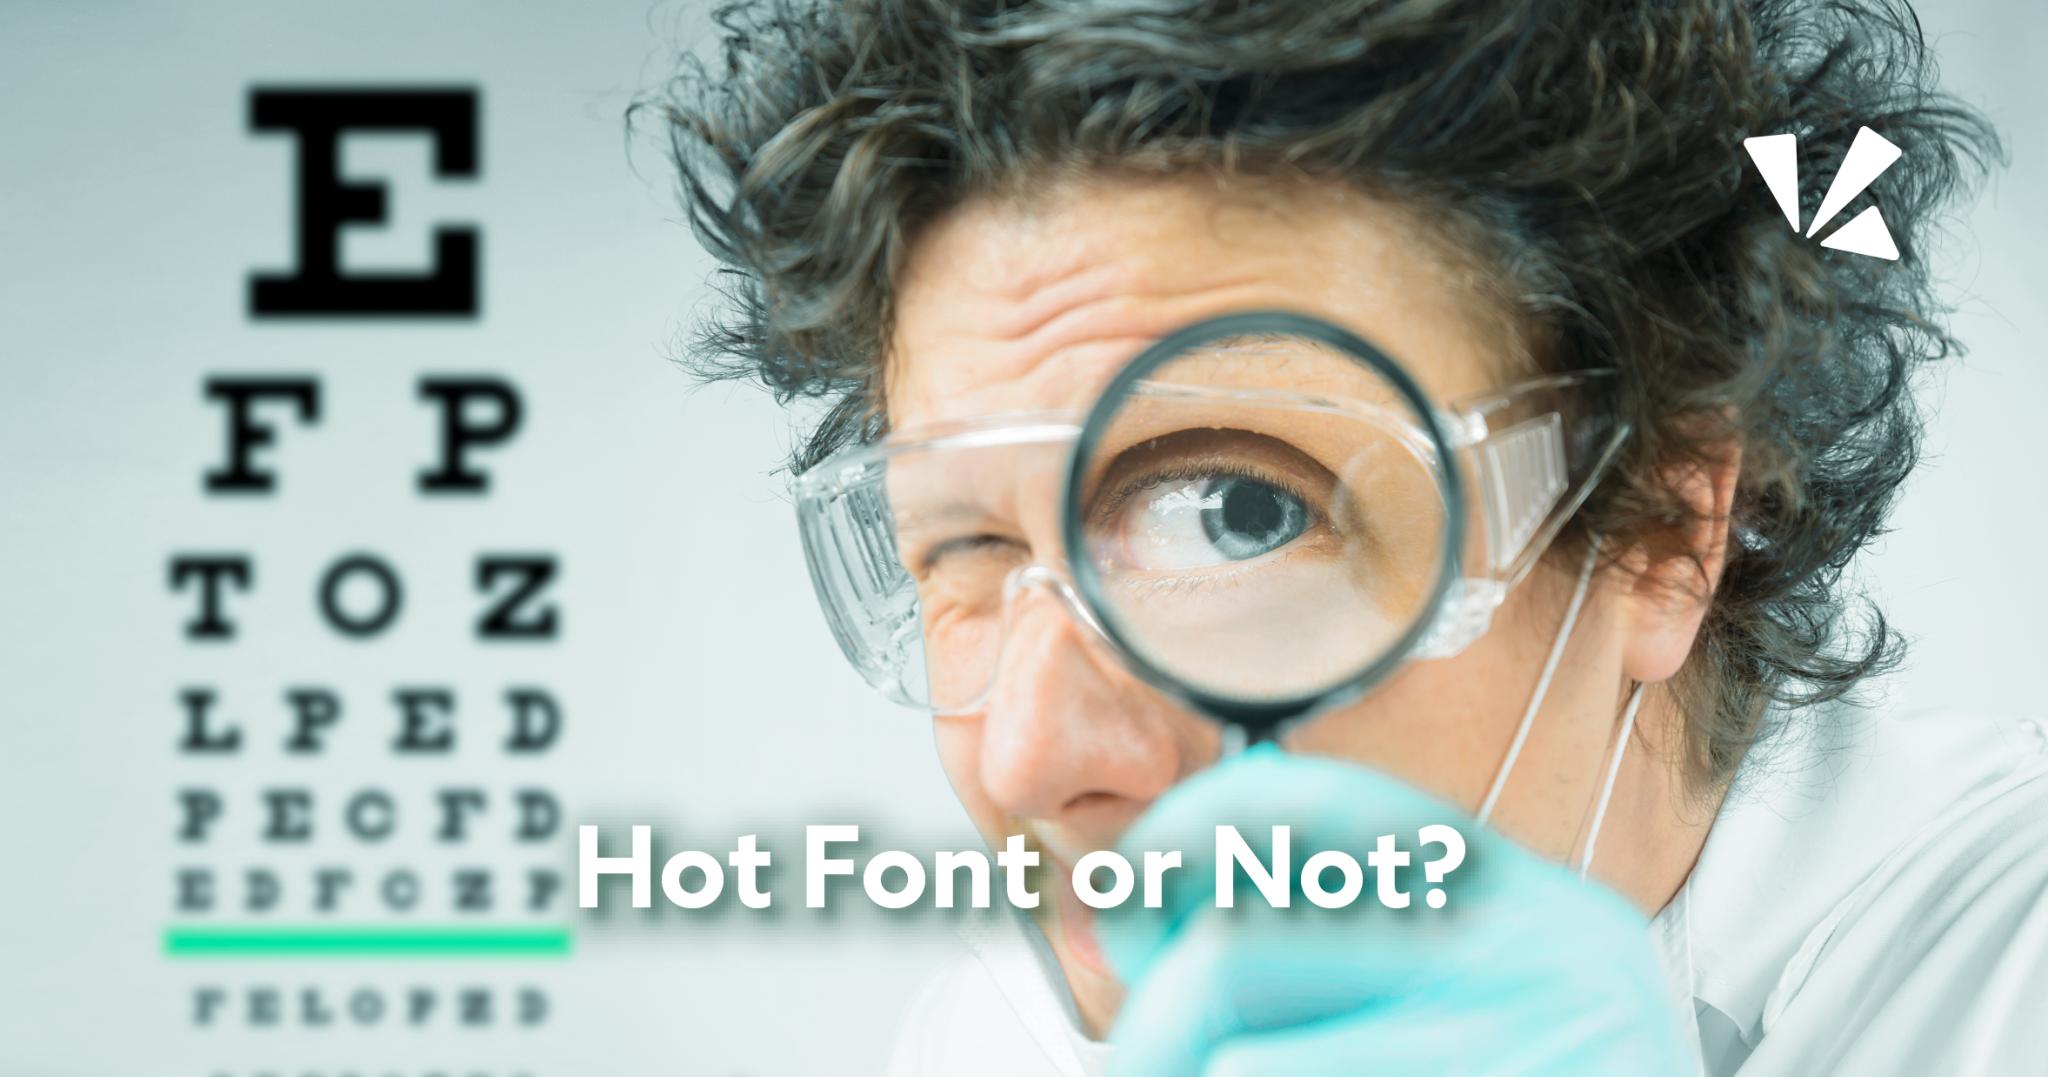 Hot font or not blog header